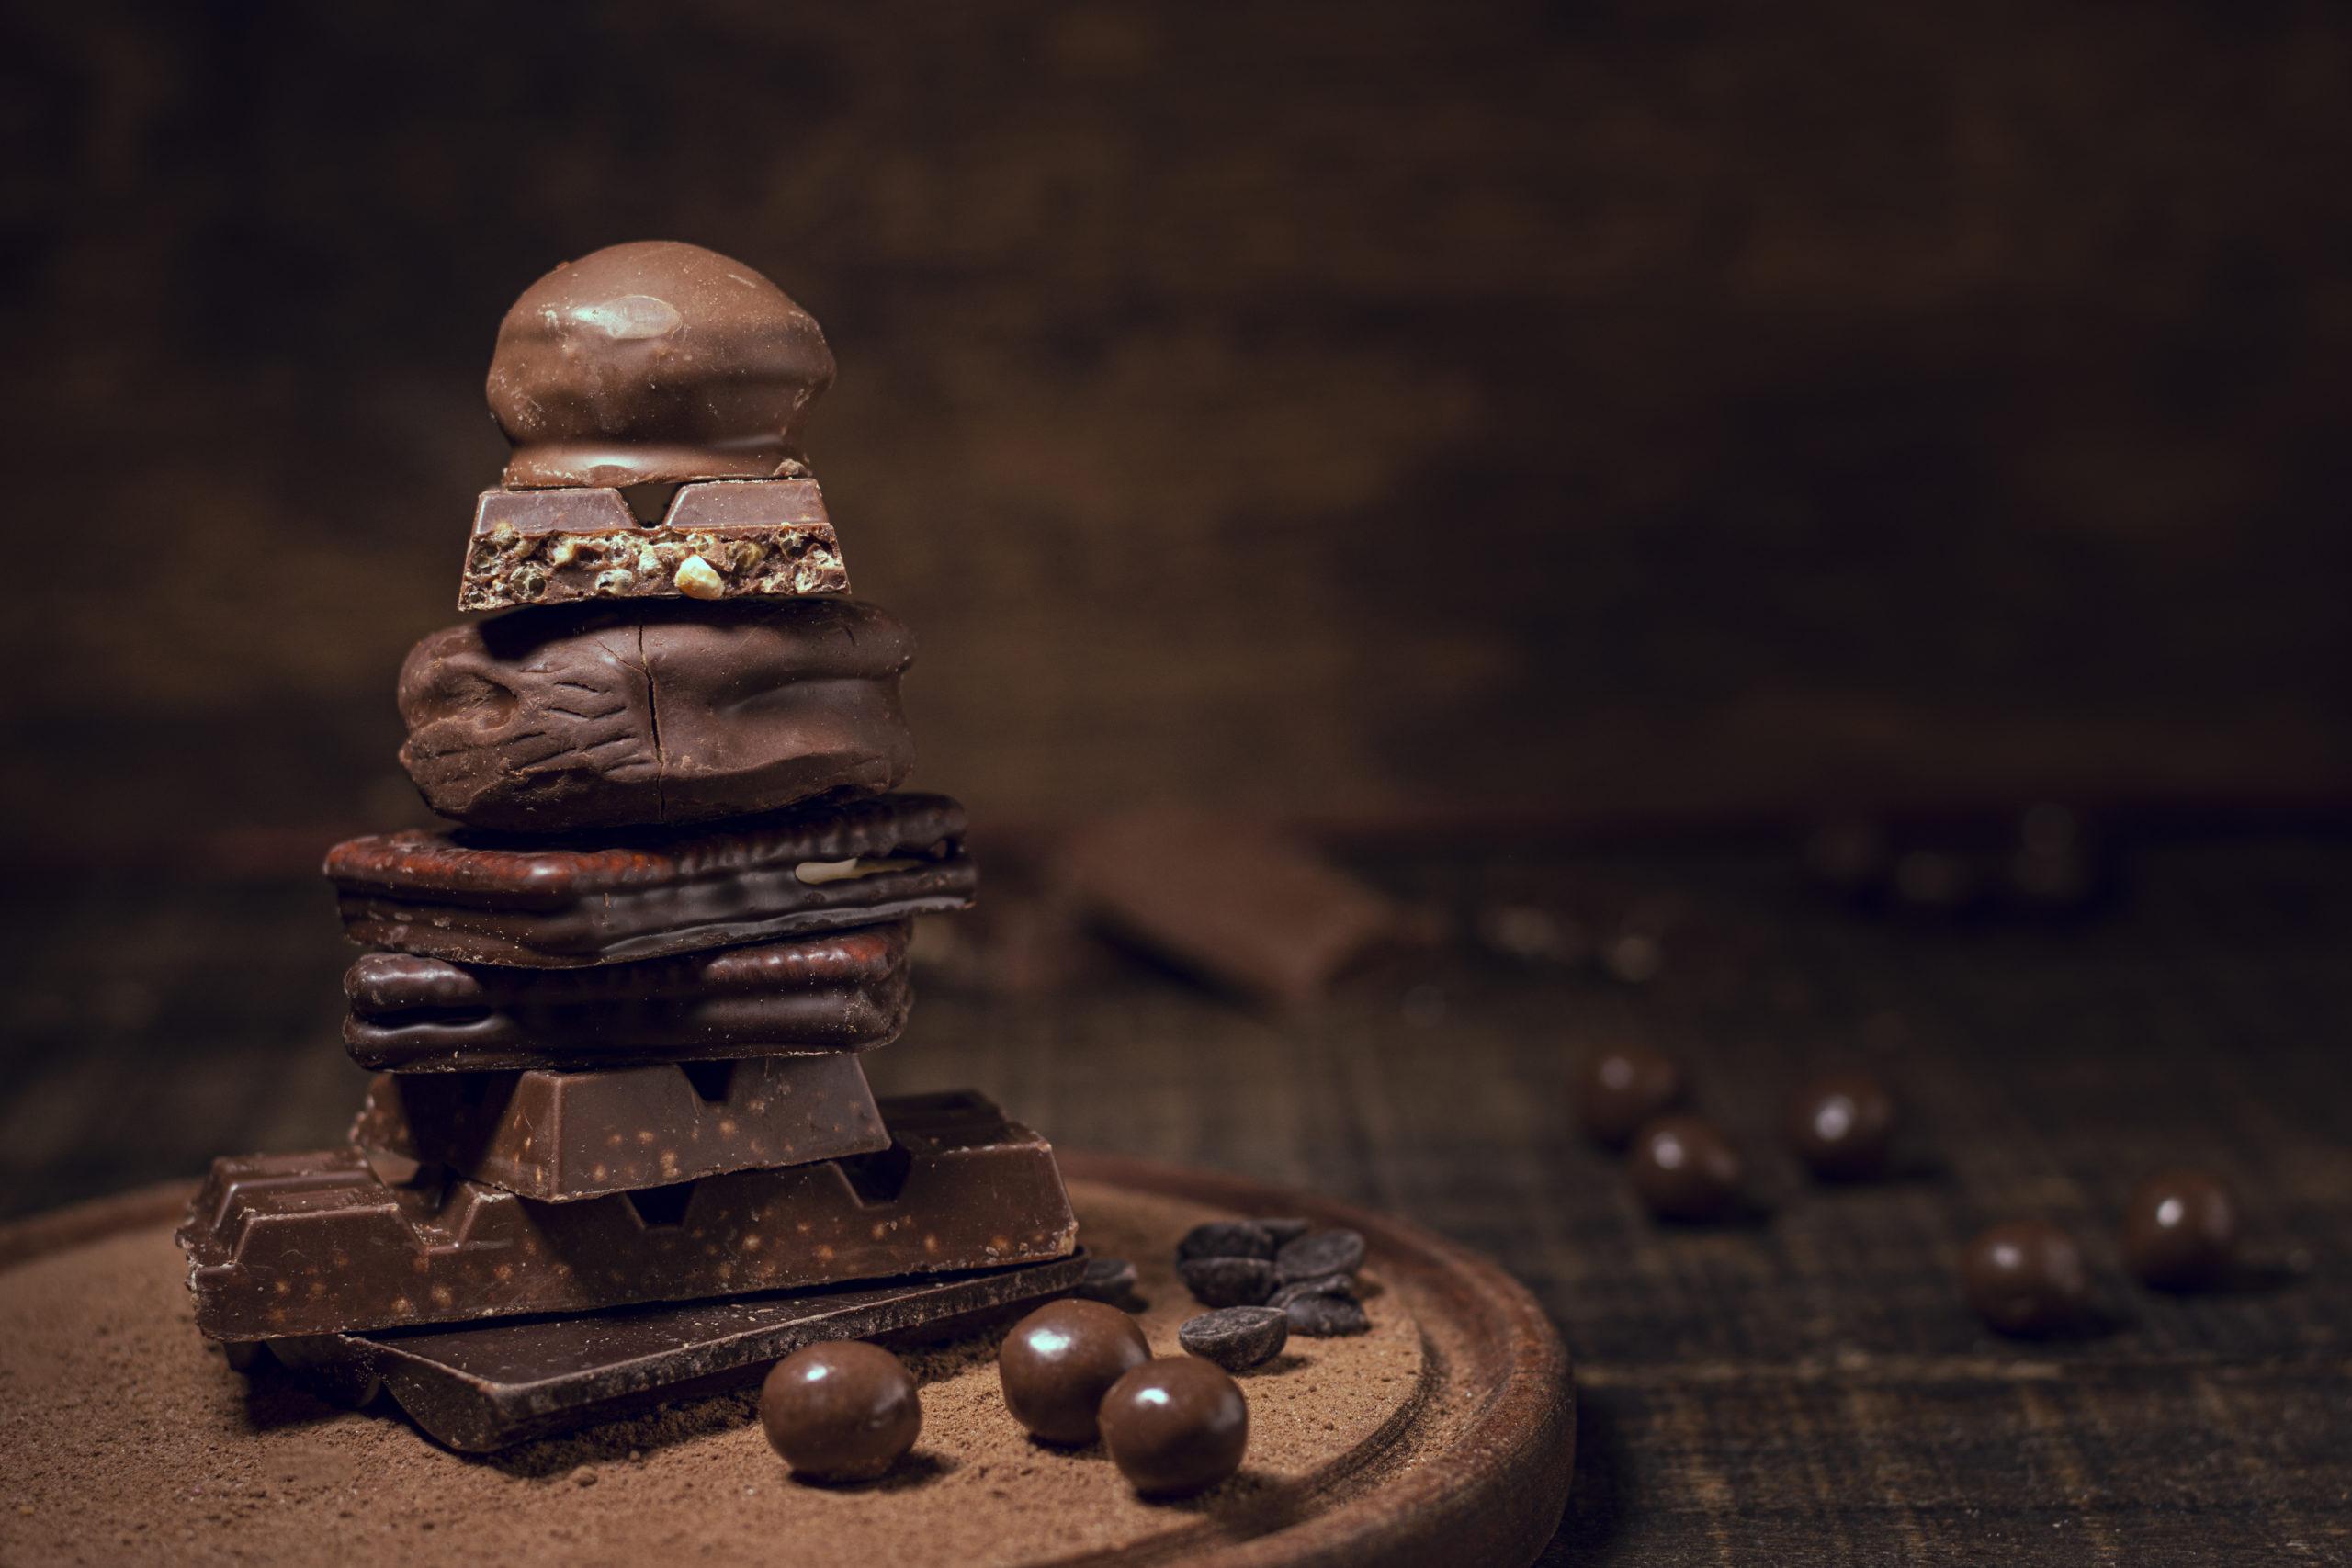 chocolat regime